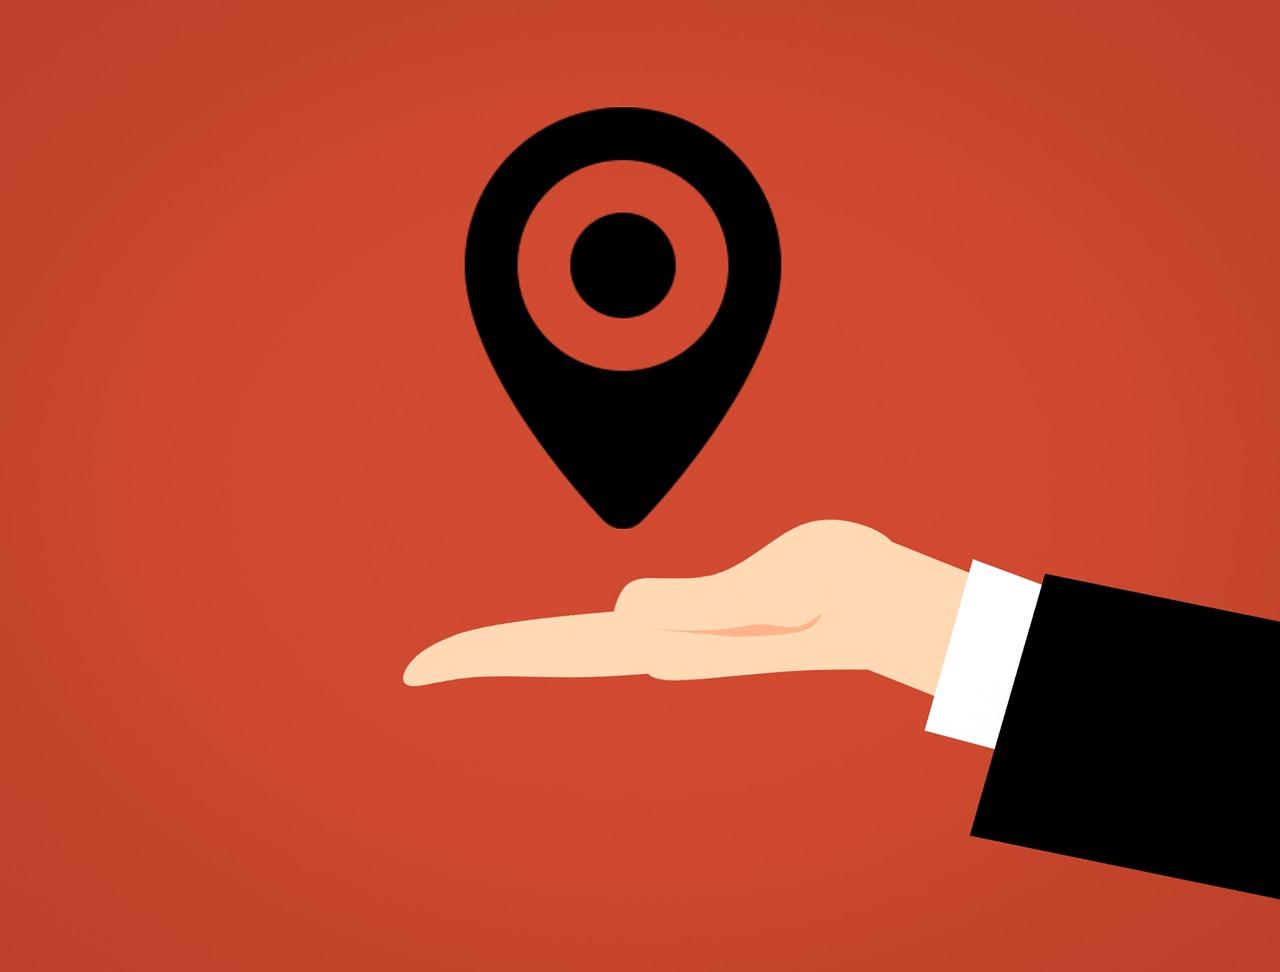 Image 15 Hari Privasi Data: Menghentikan Pelacakan Lokasi Anda oleh Aplikasi Android